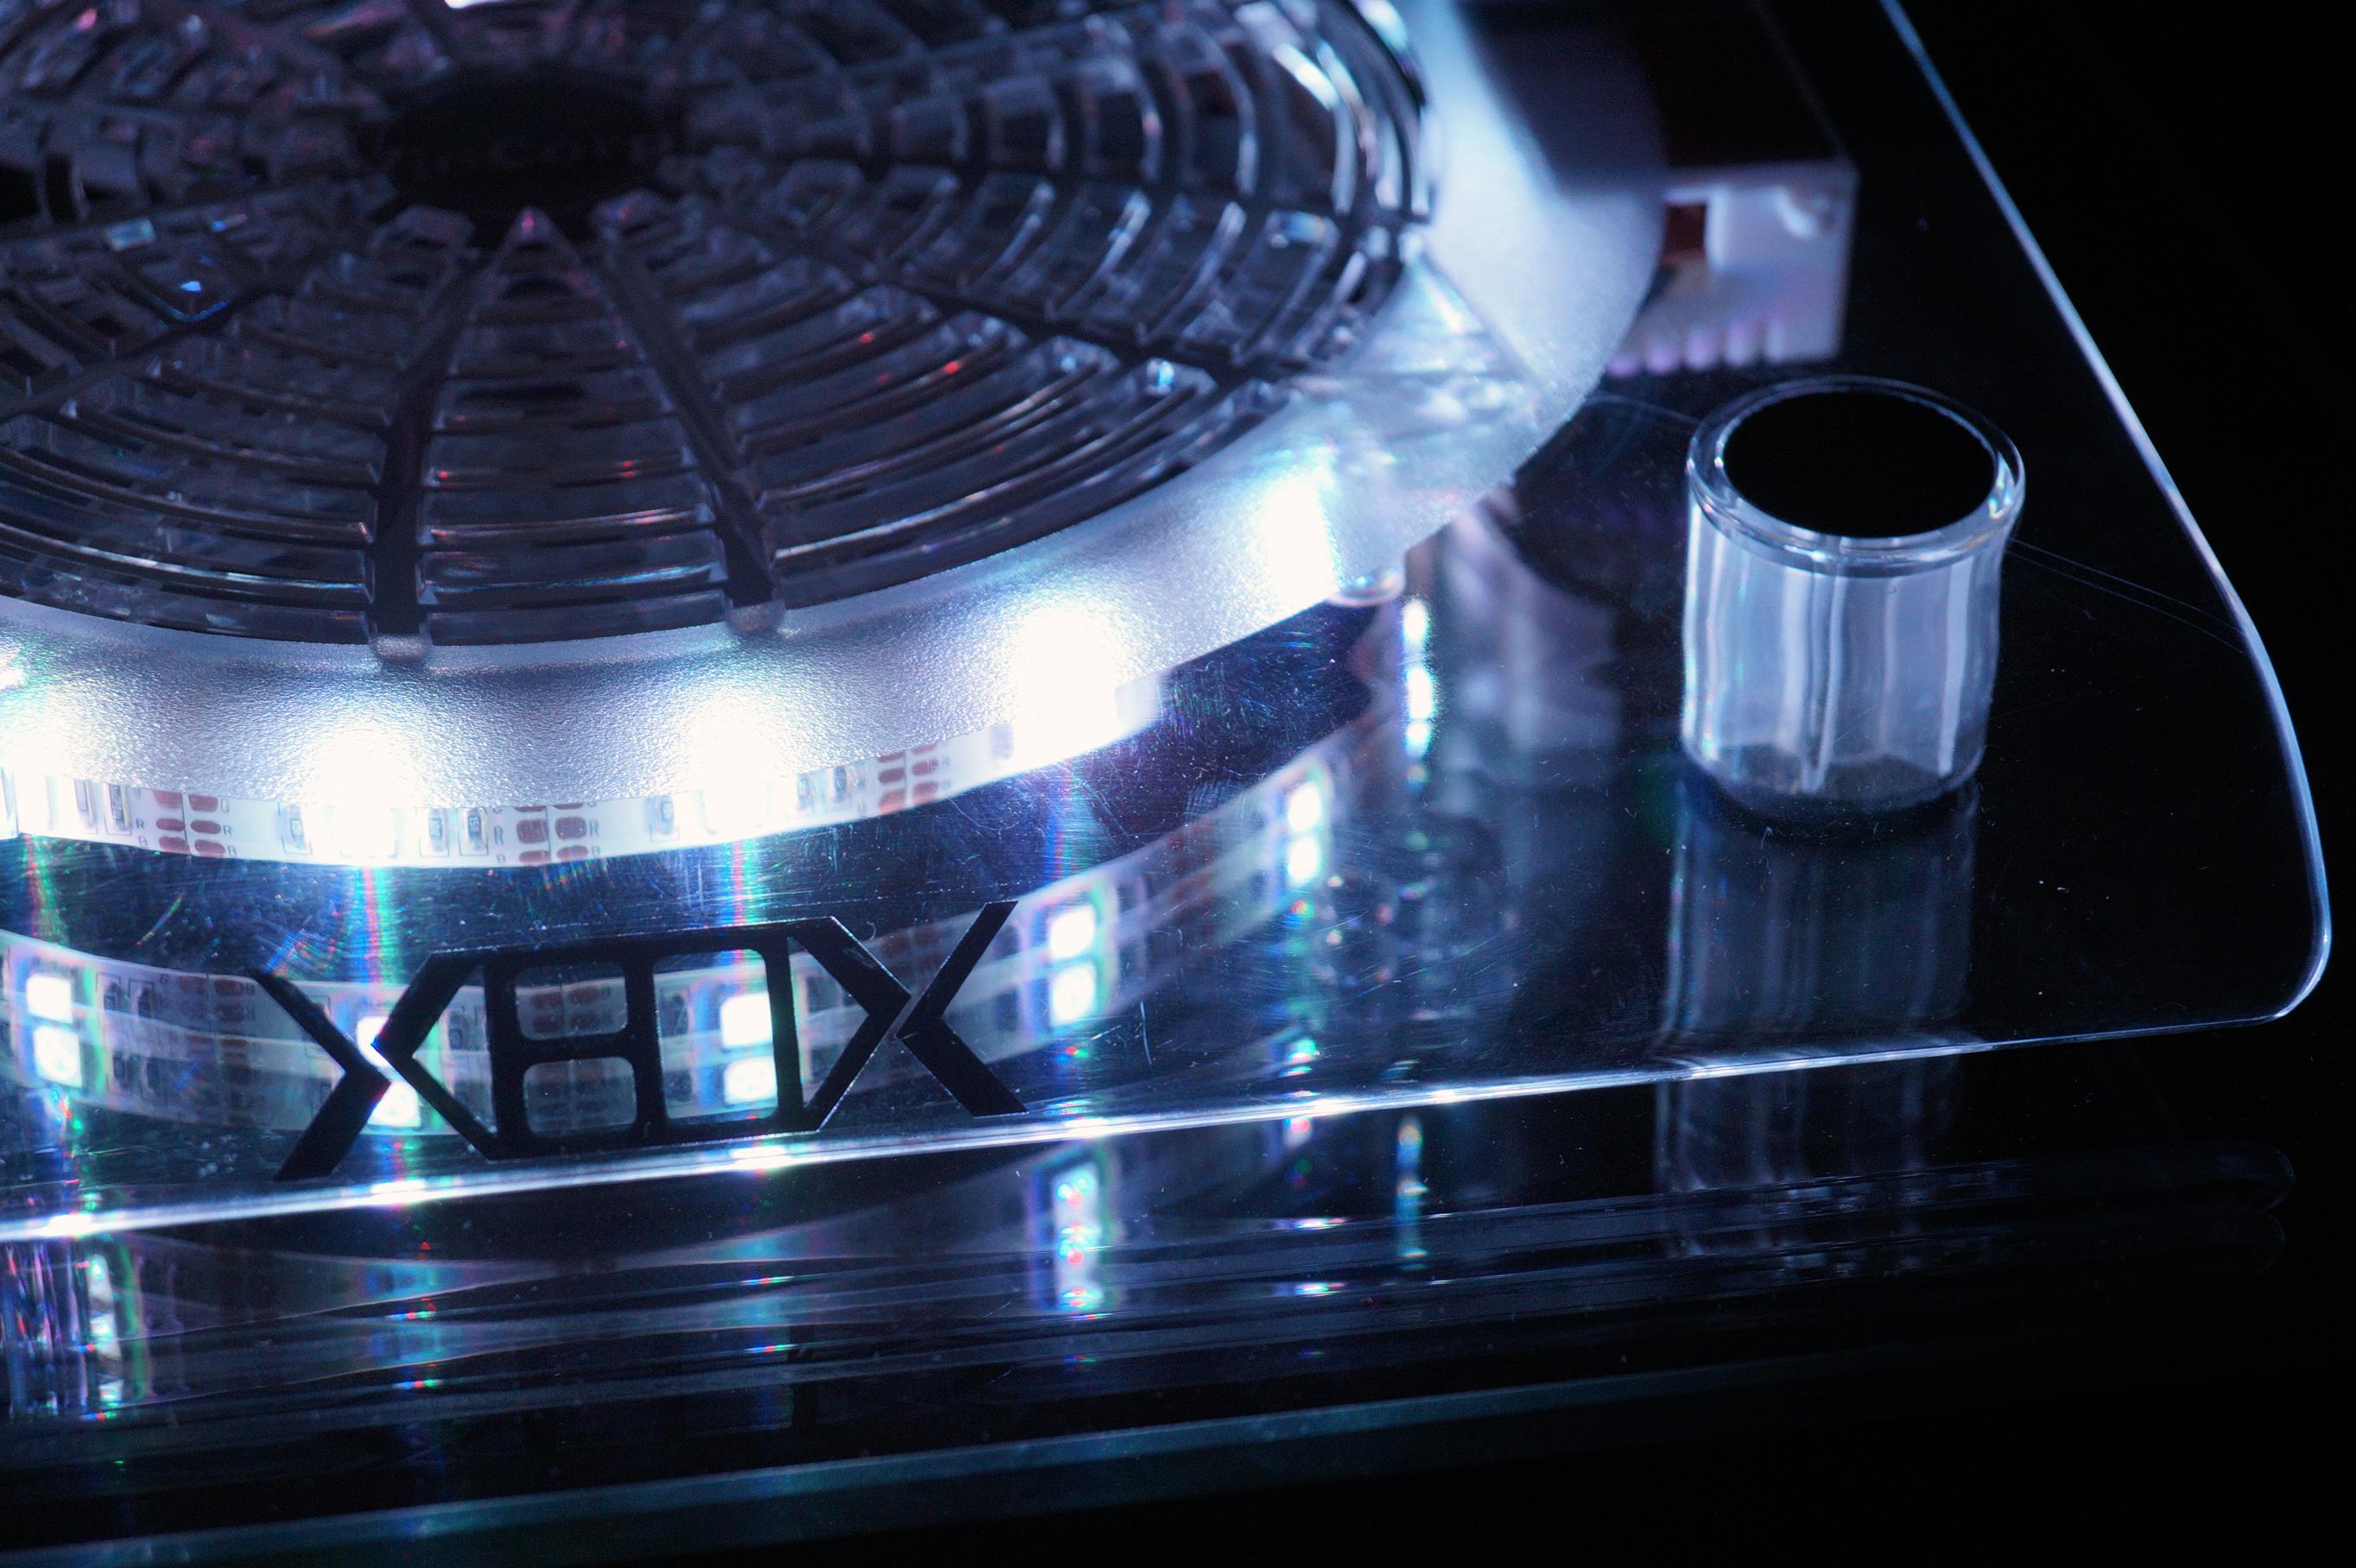 Xbox 360 Cooling Stand: Hűtő és Csúszásgátló Tartóállvány XBOX 360